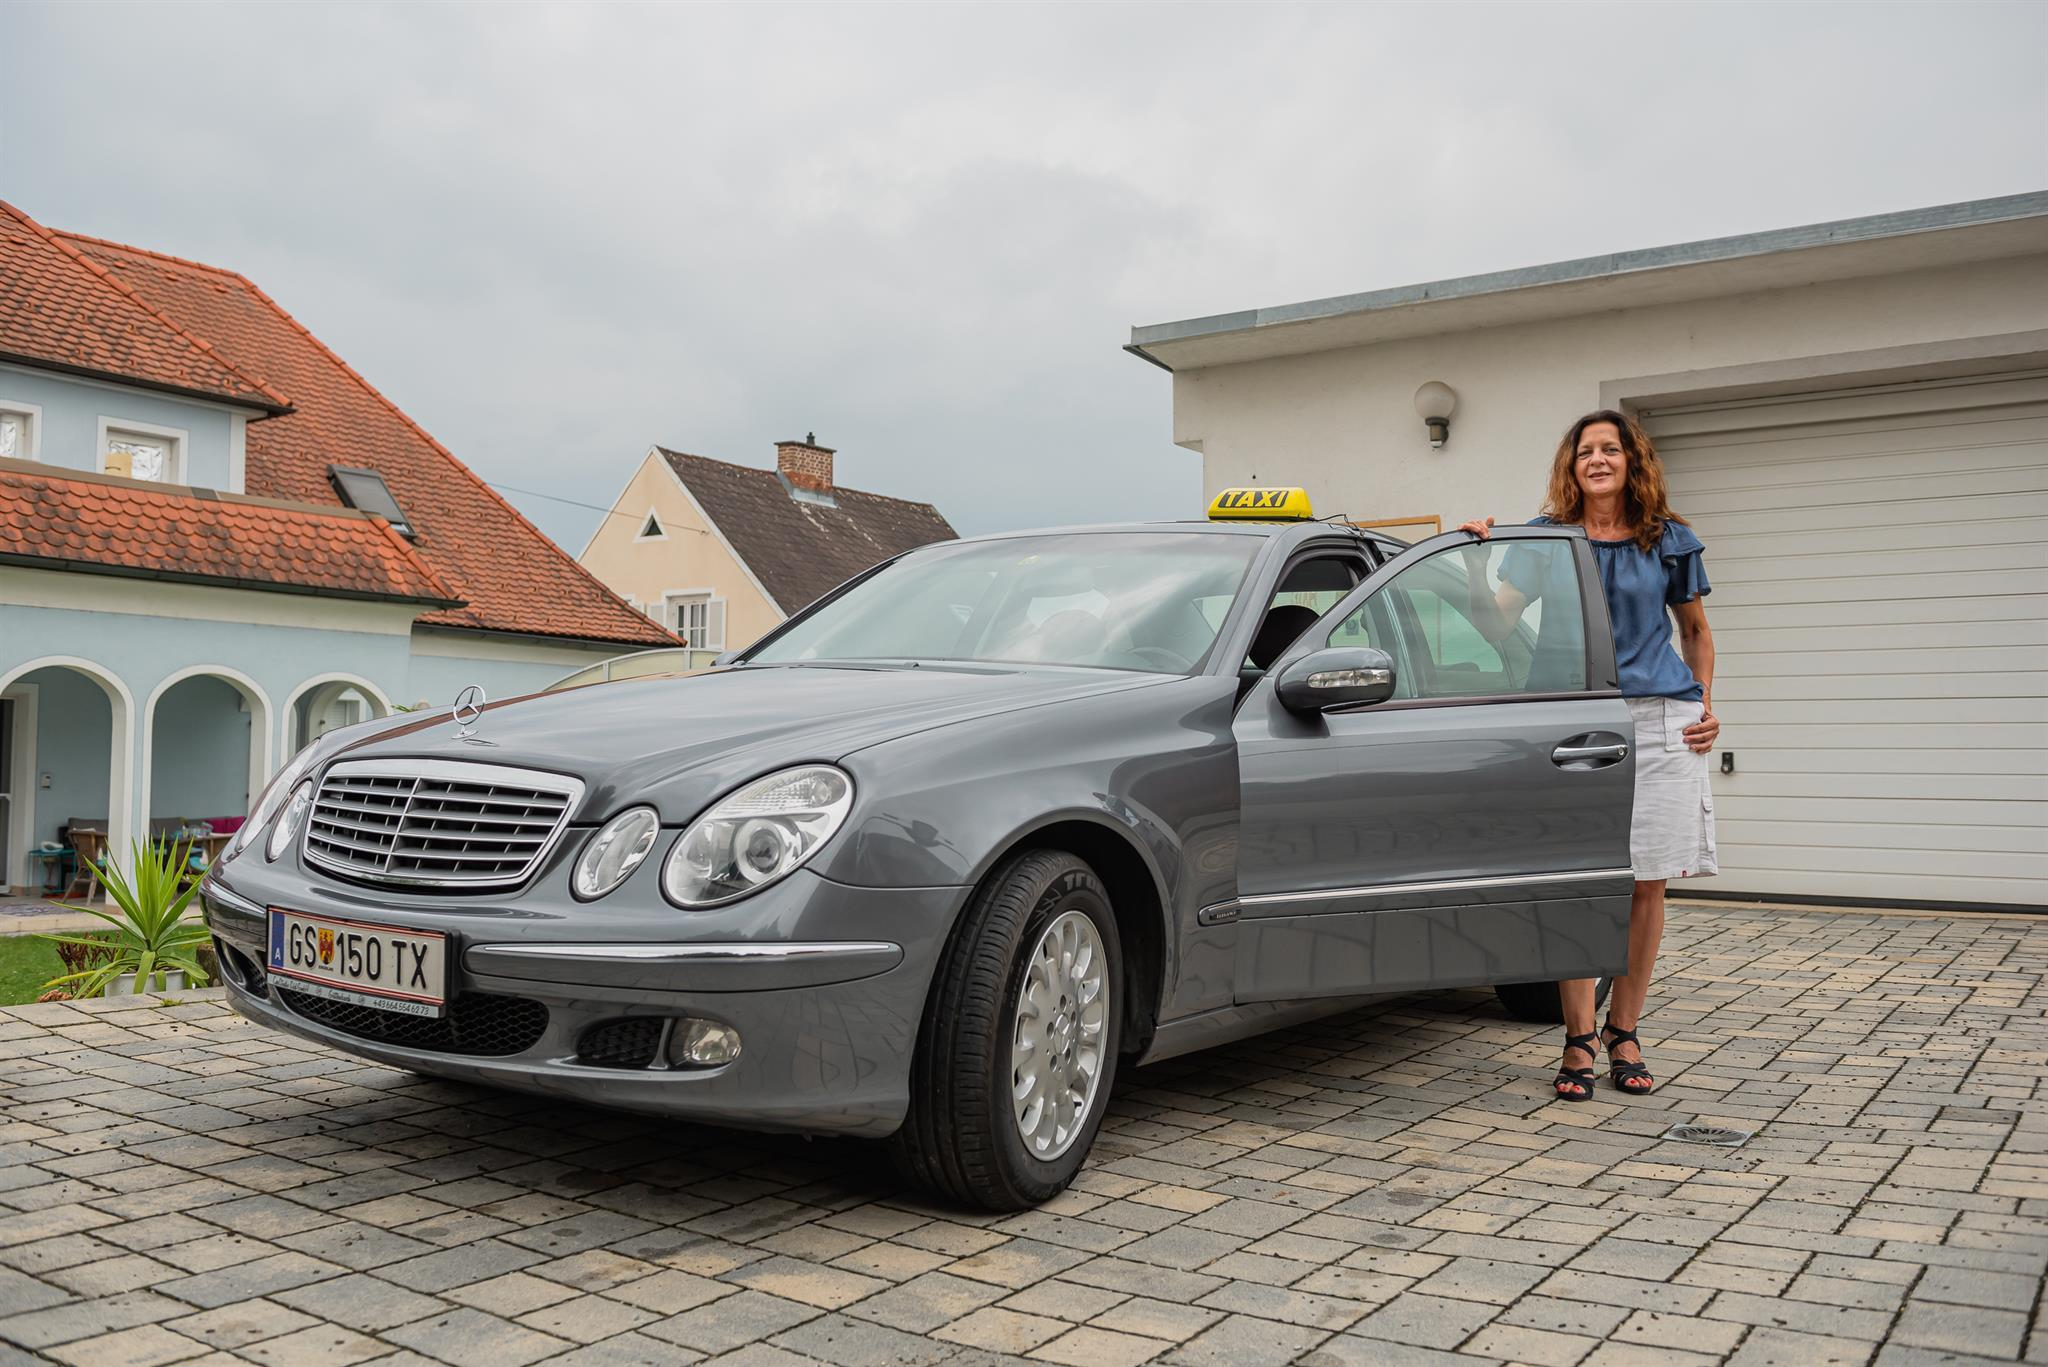 Hollitz Taxi